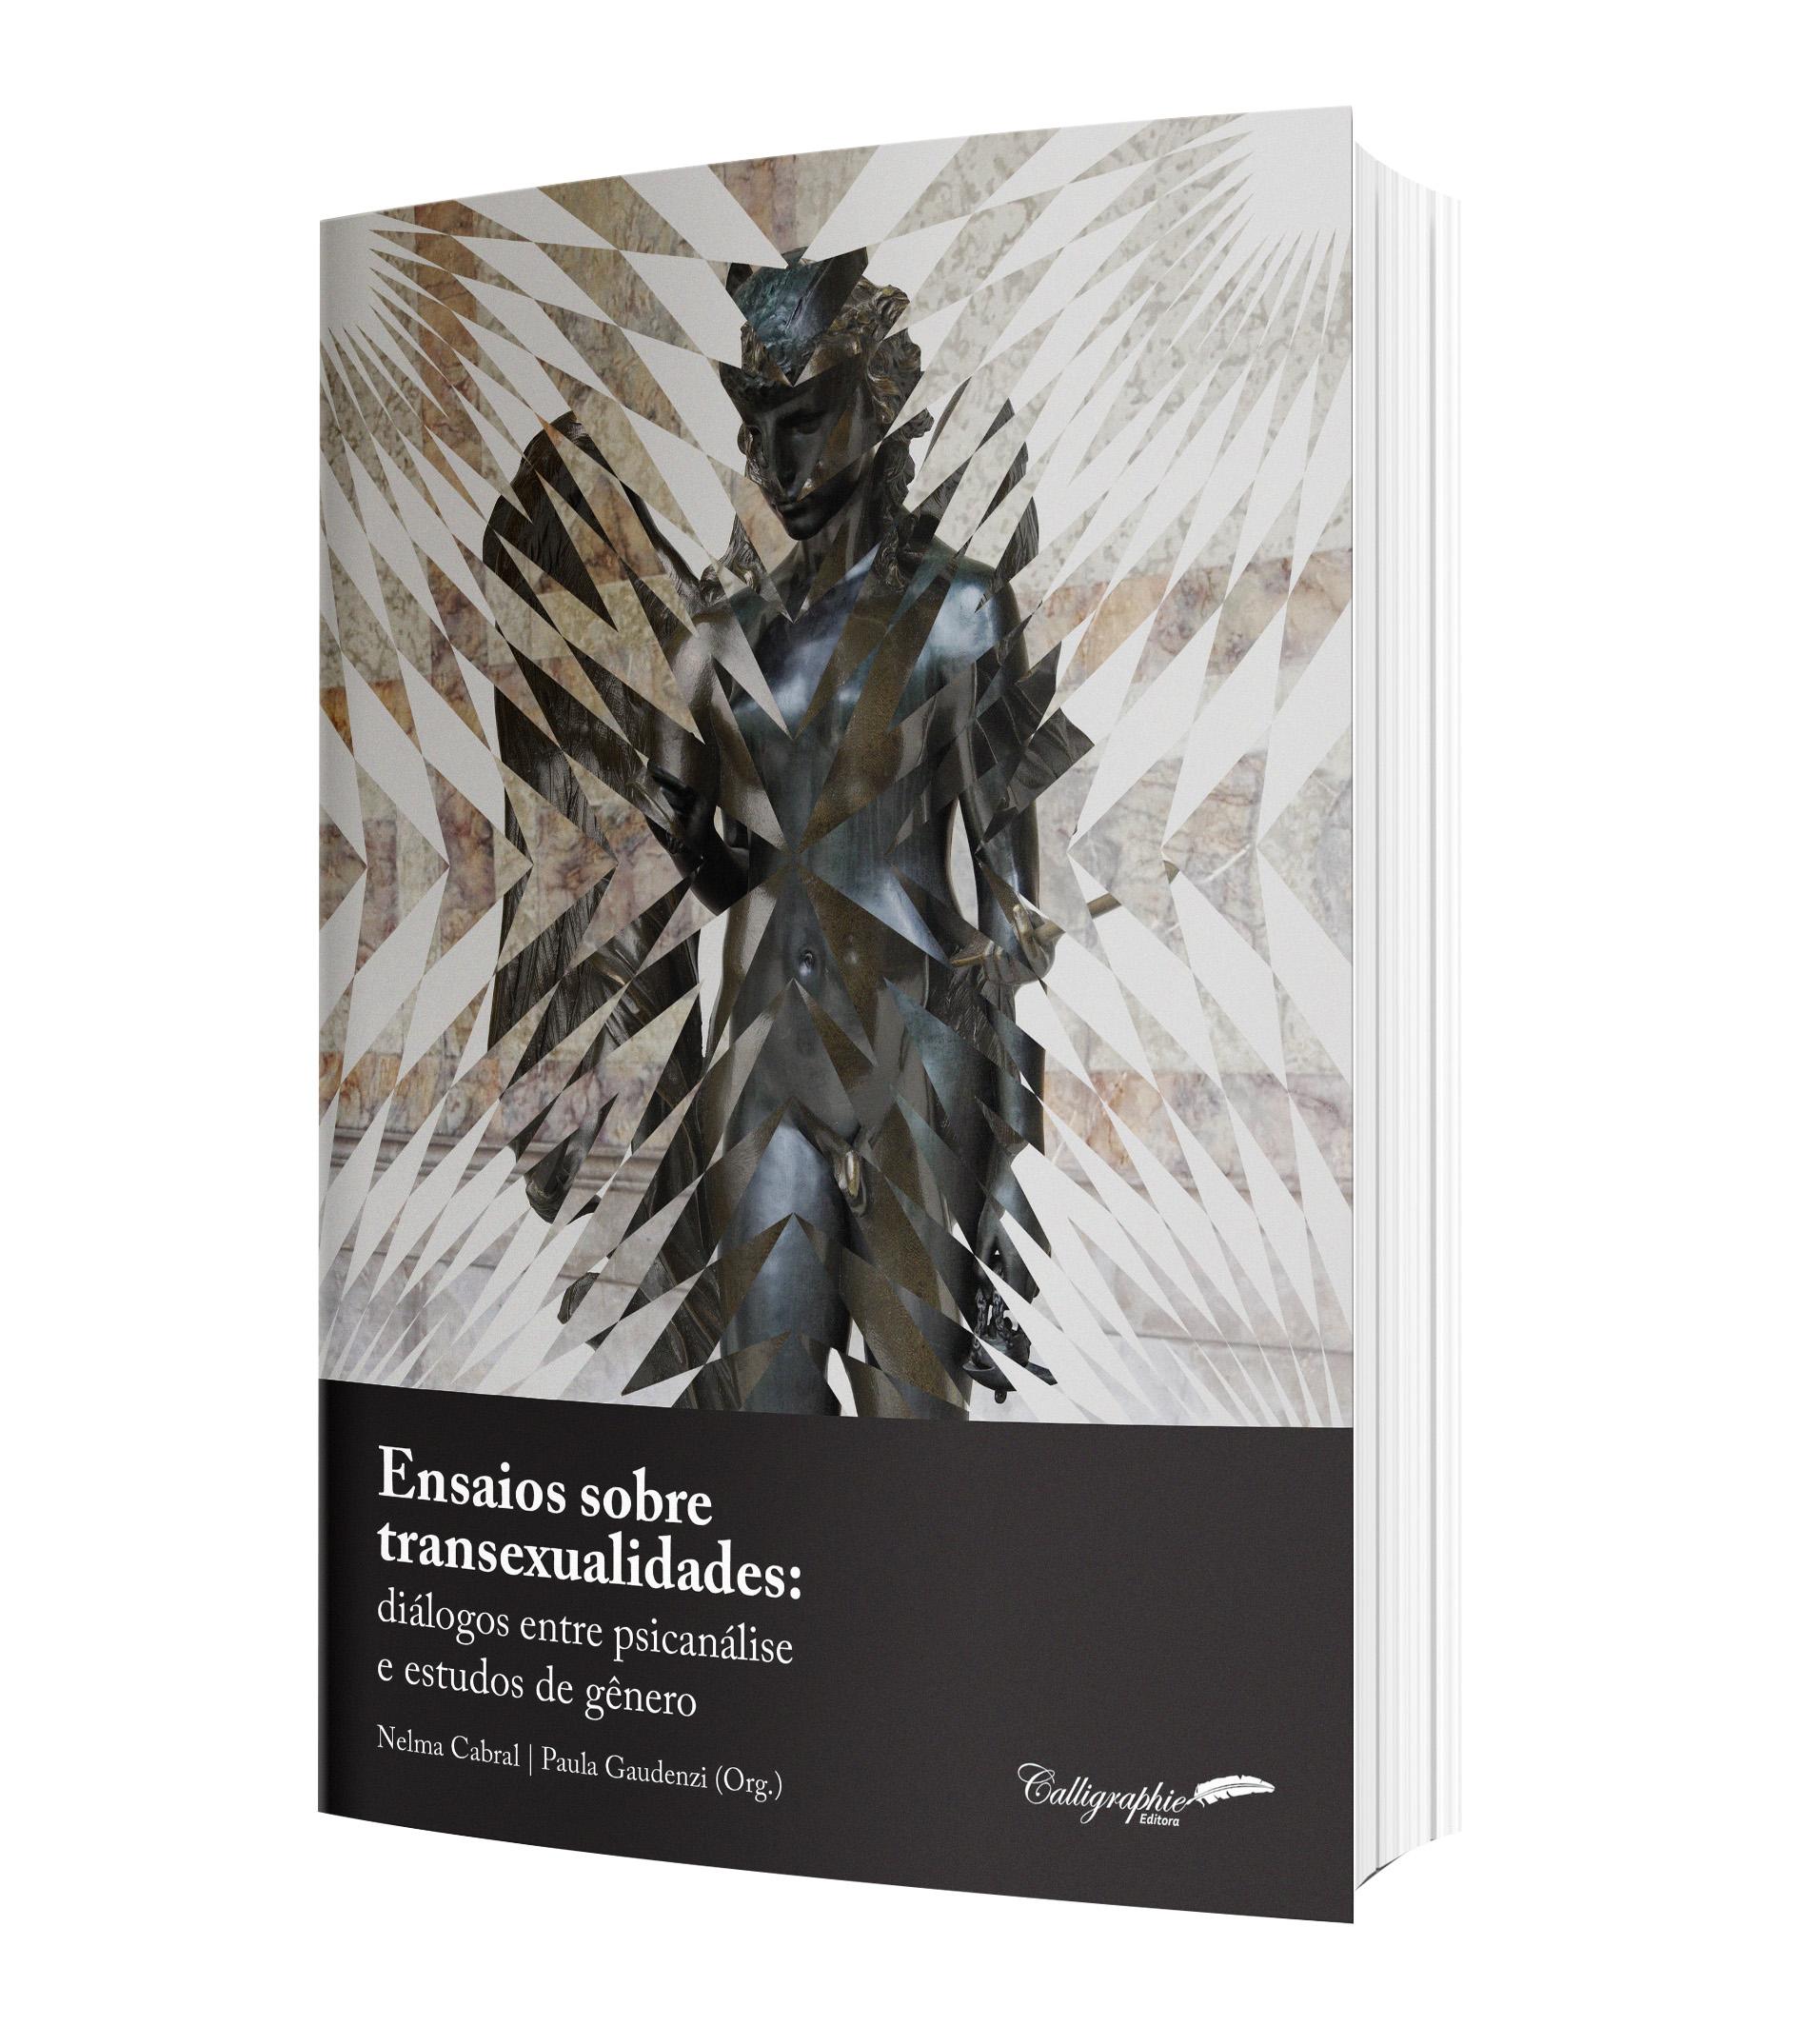 Resenha – Ensaios sobre transexualidades: diálogos entre psicanálise e estudos de gênero